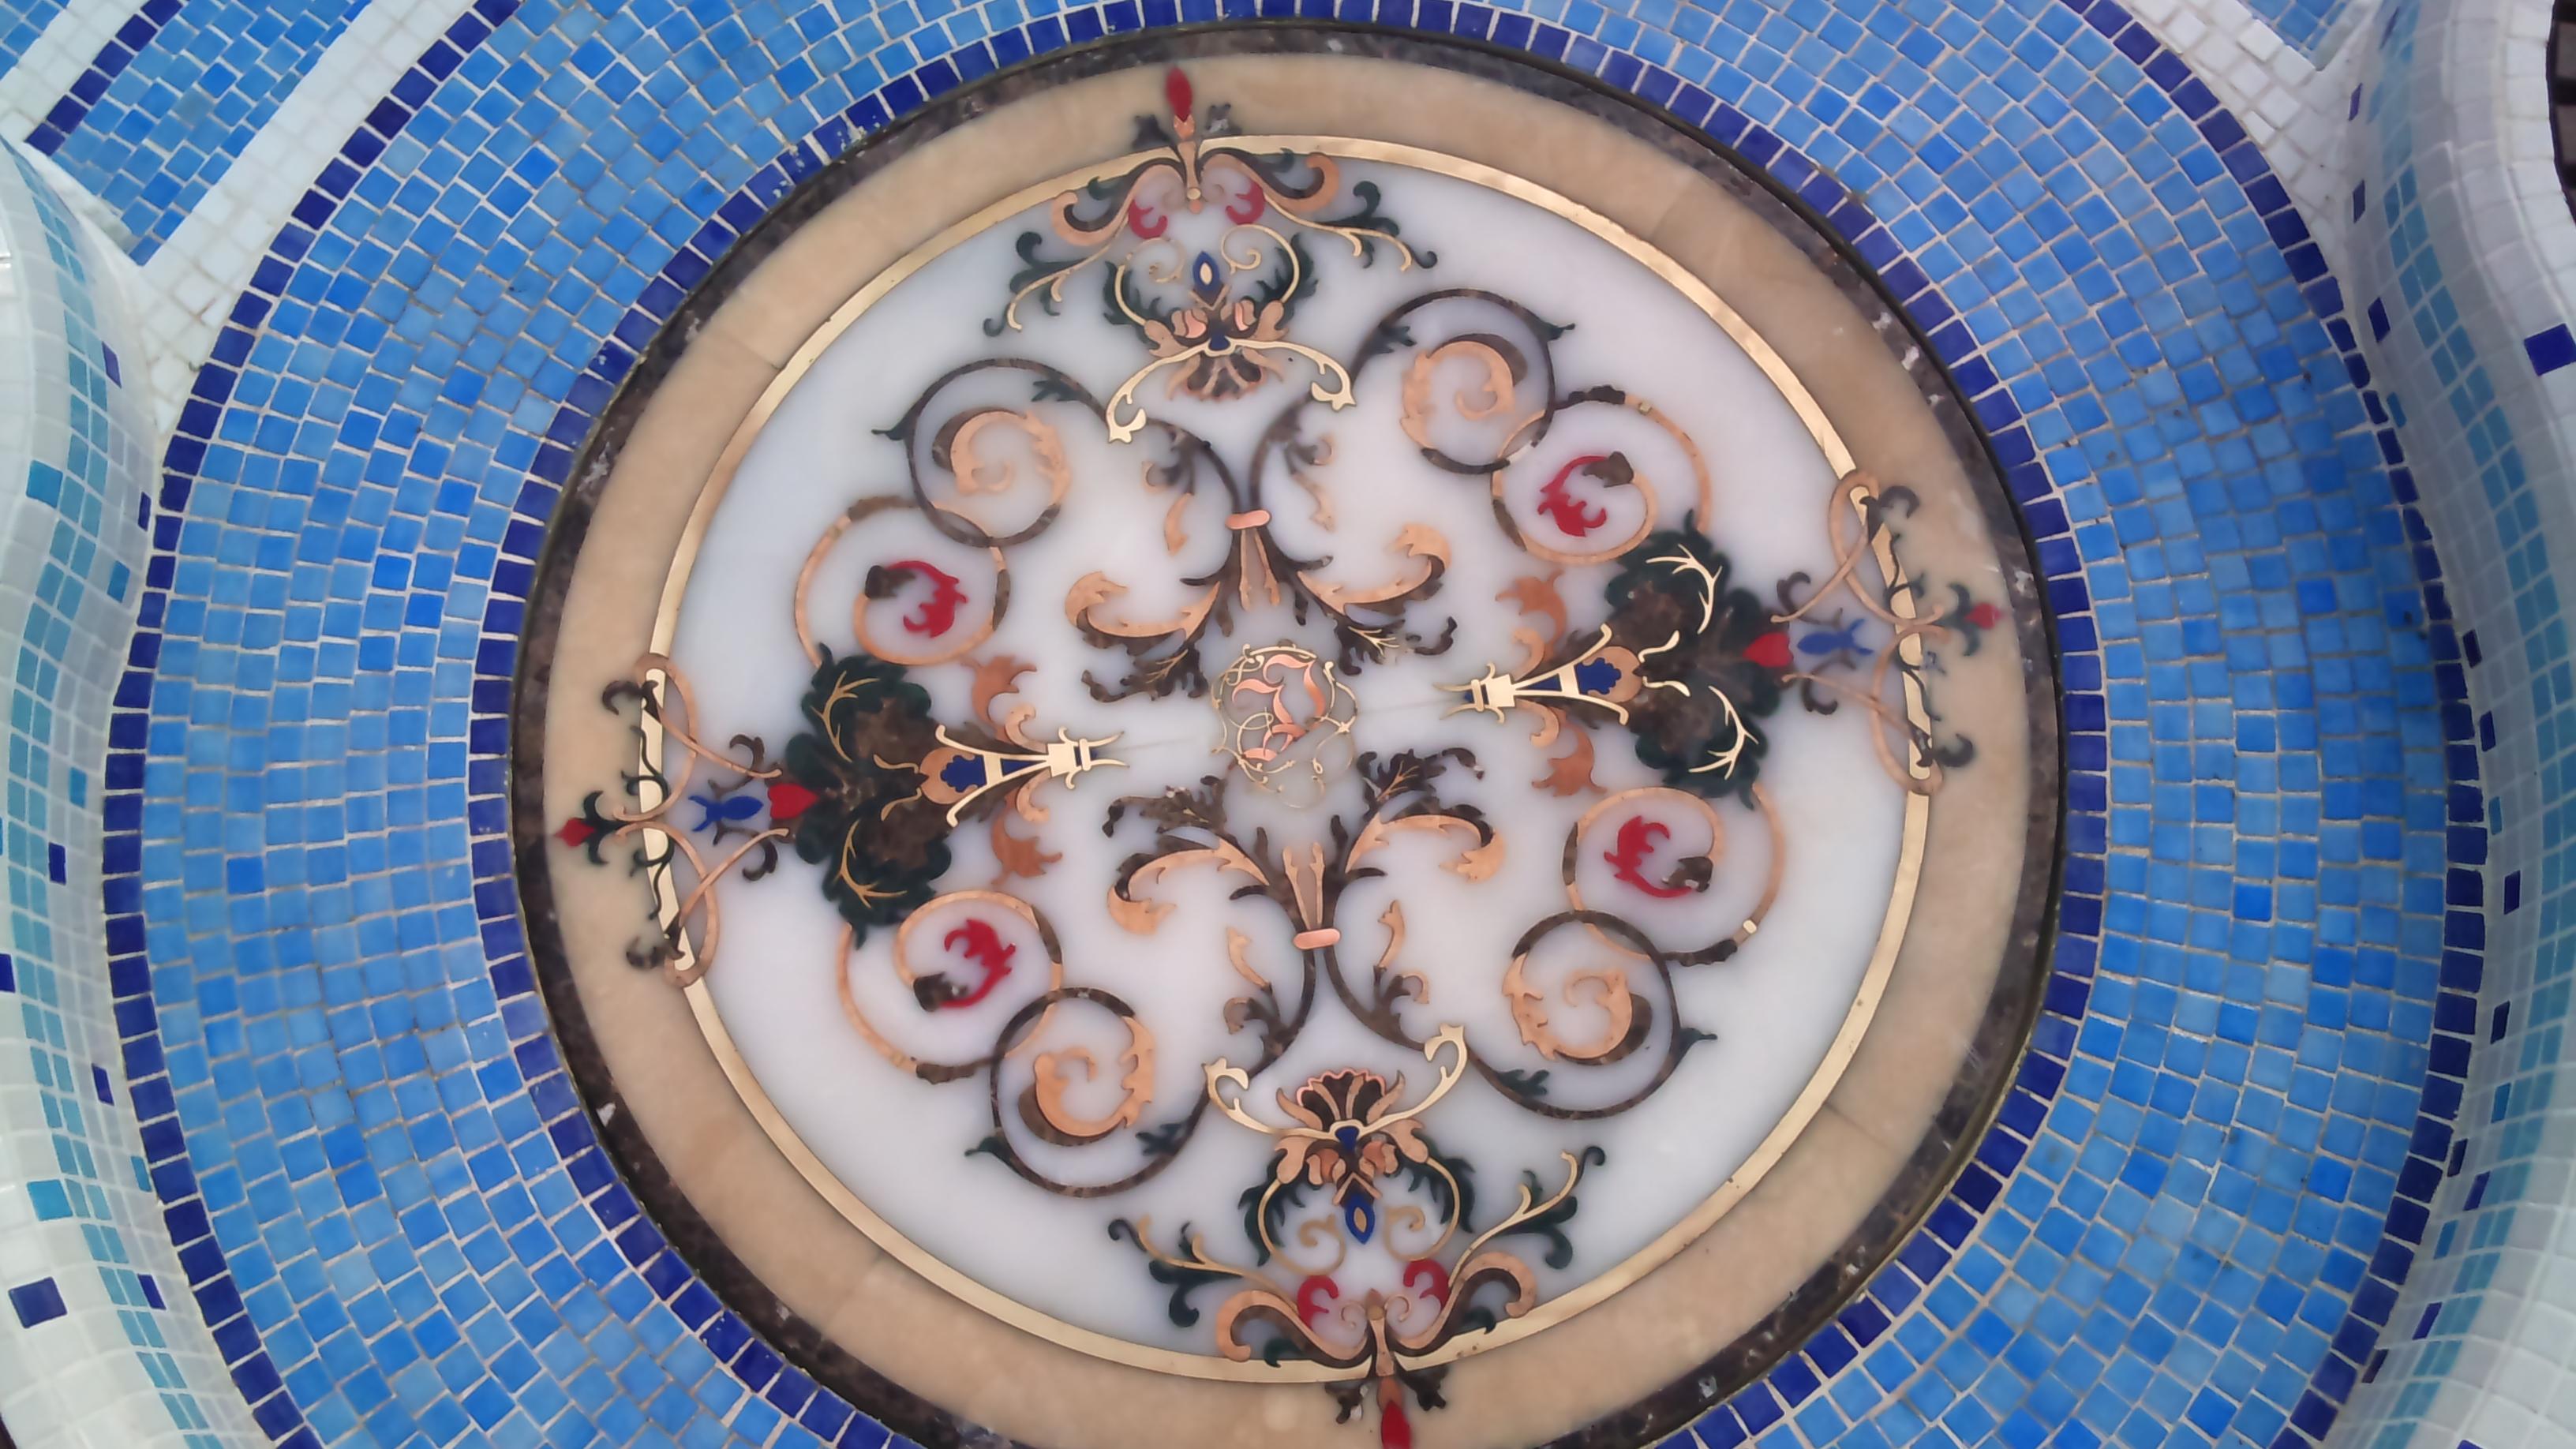 Medalioane decorative pentru pardoseli - Europene SIDORA - Poza 9